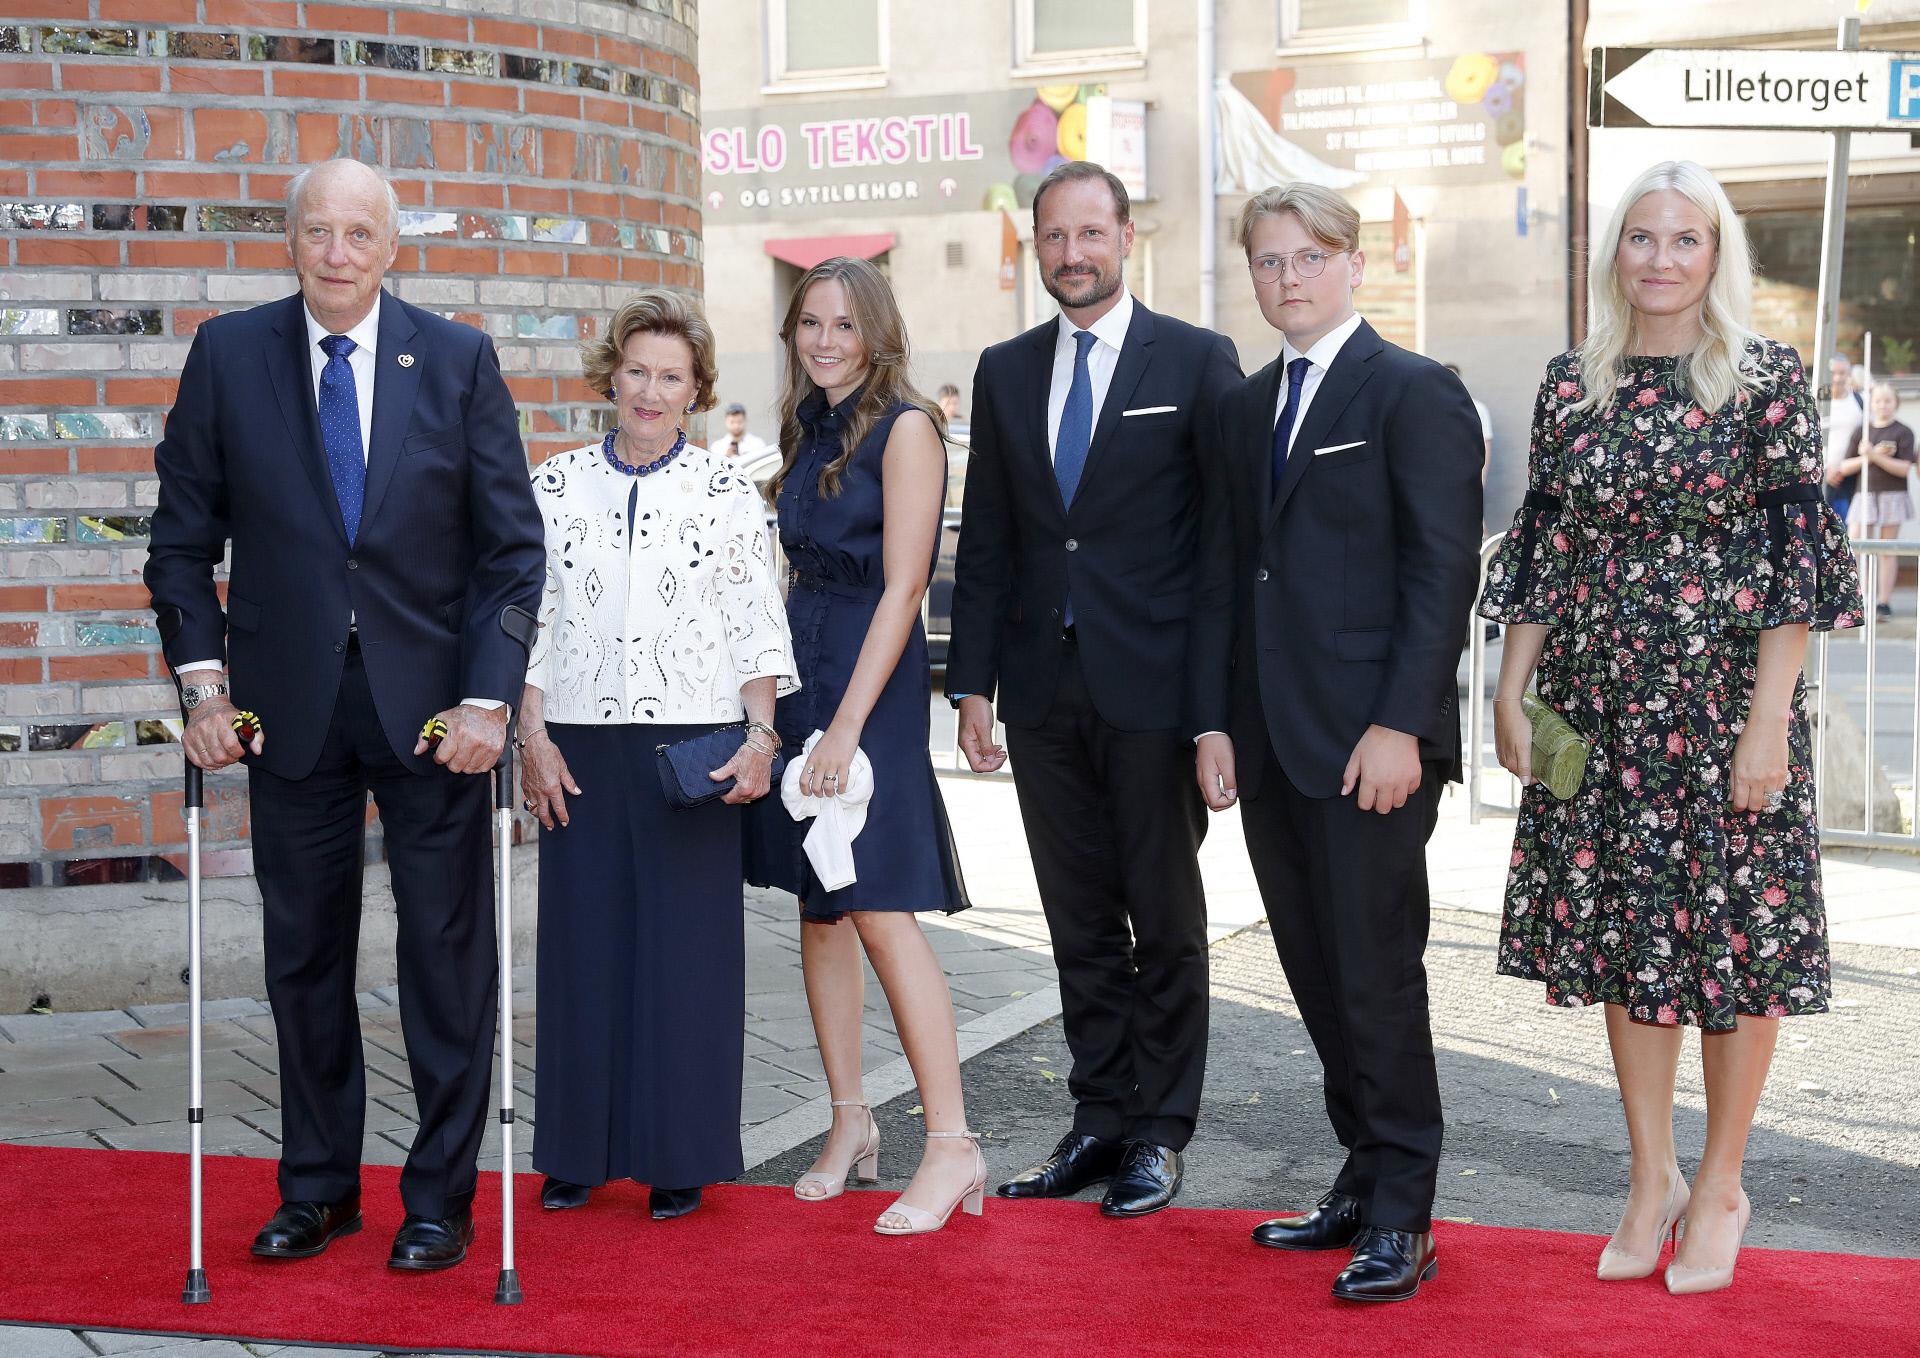 Ingrid Alexandra junto a sus abuelos, los reyes de Noruega, sus padres y su hermano.